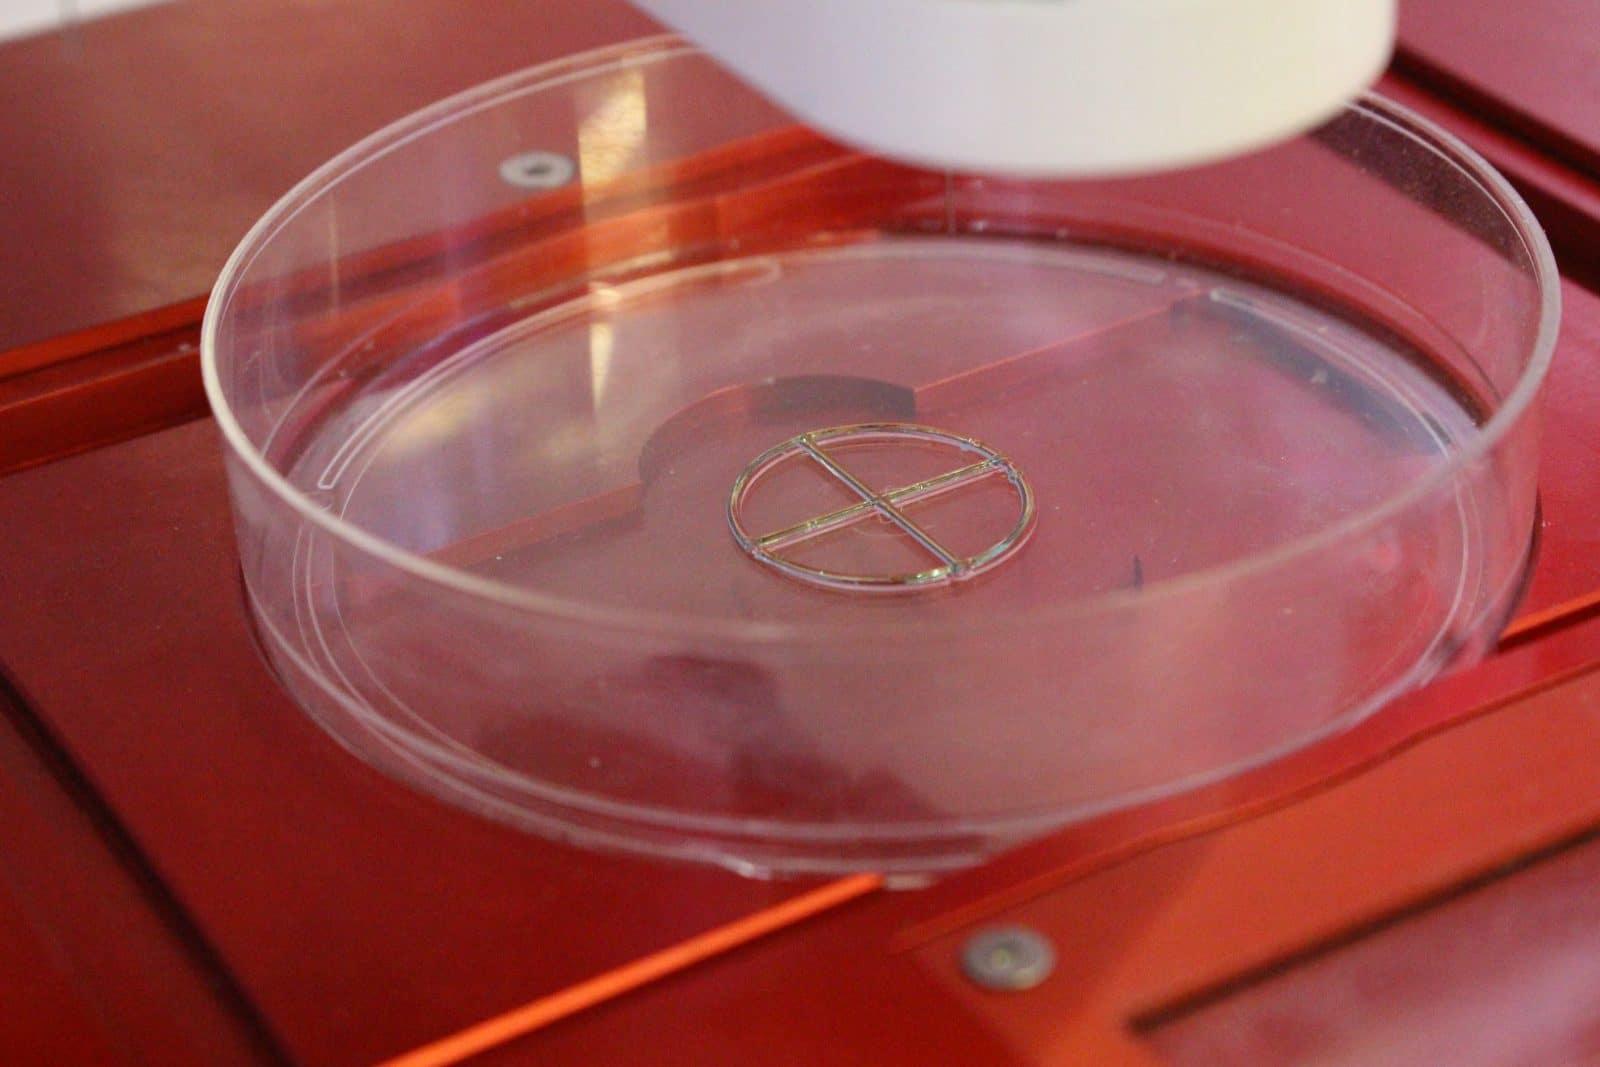 quickstart guide: allevi 3 - test bioprint